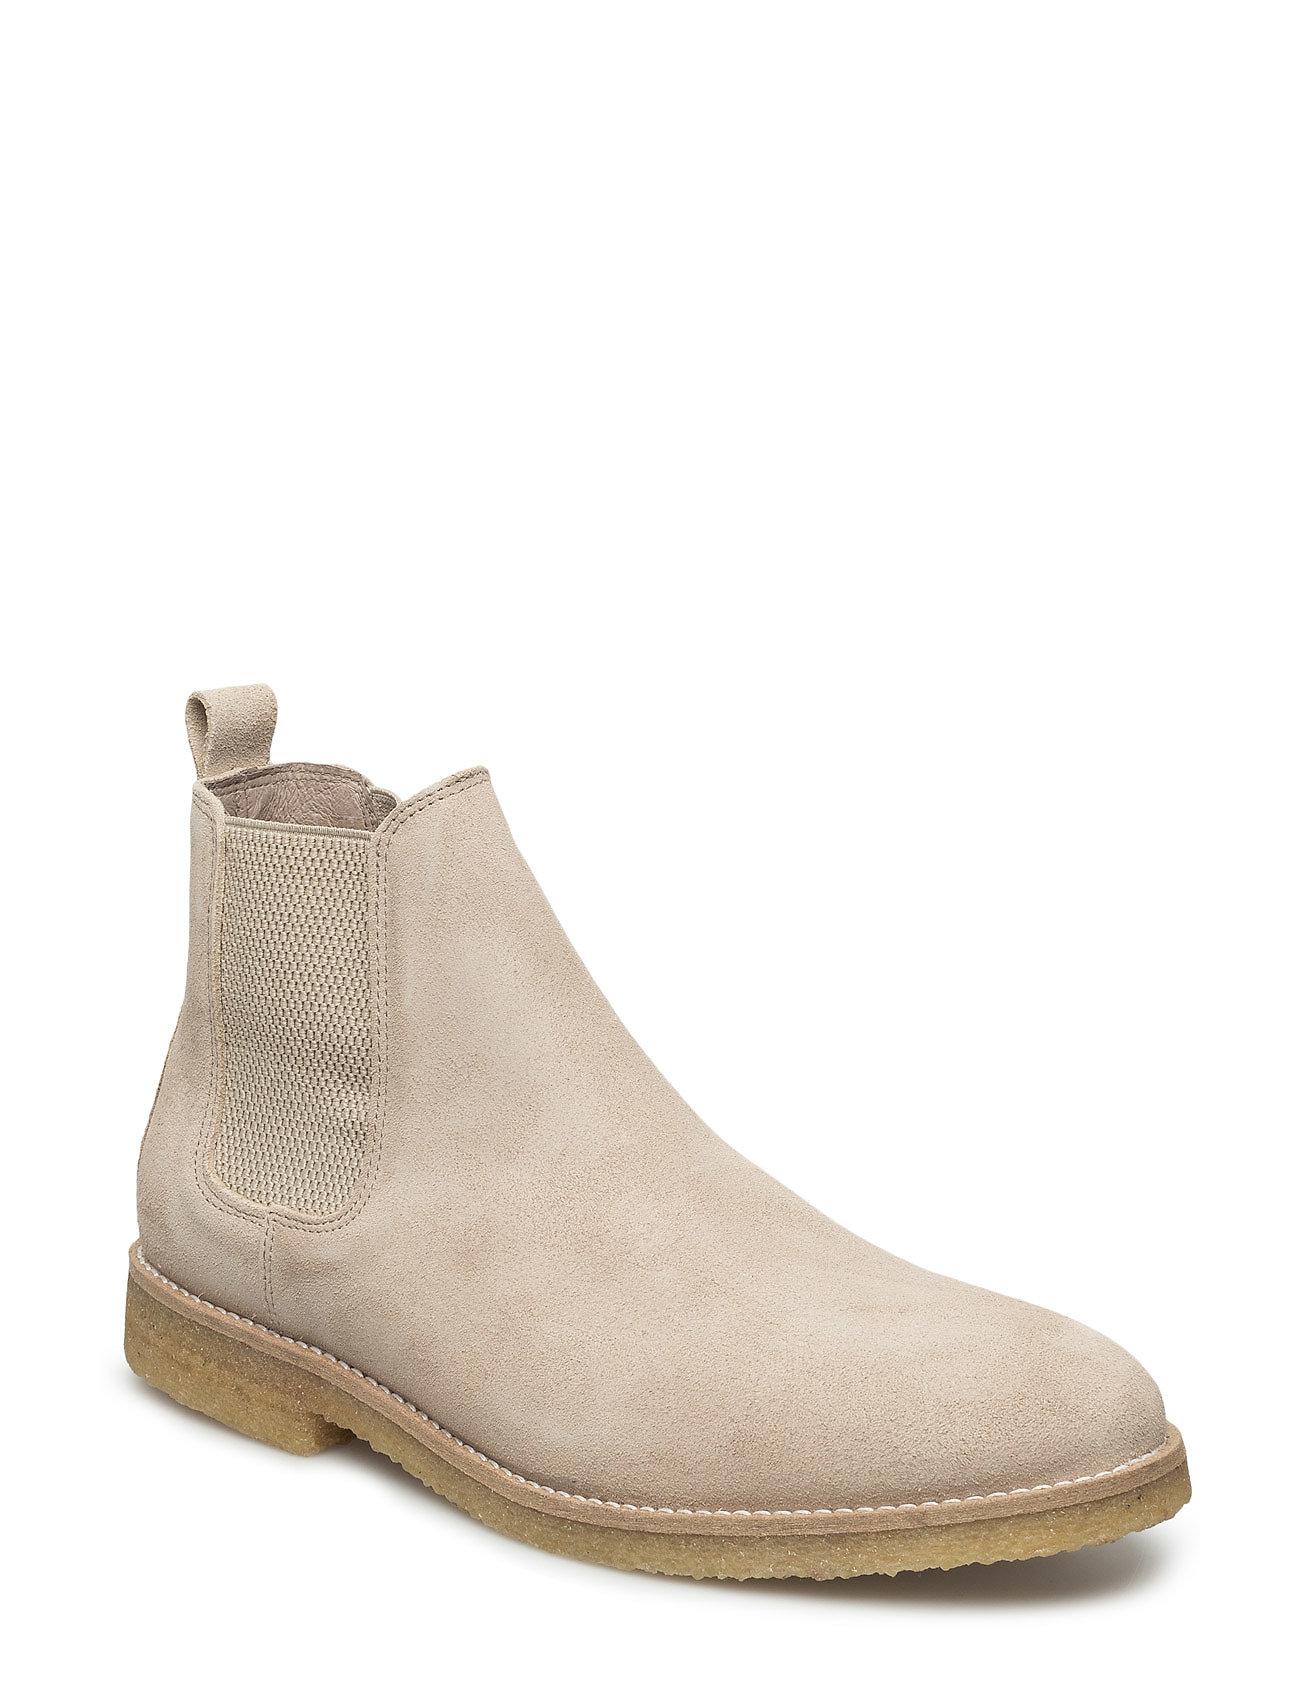 Tasman 6724 Samsøe & Samsøe Støvler til Mænd i